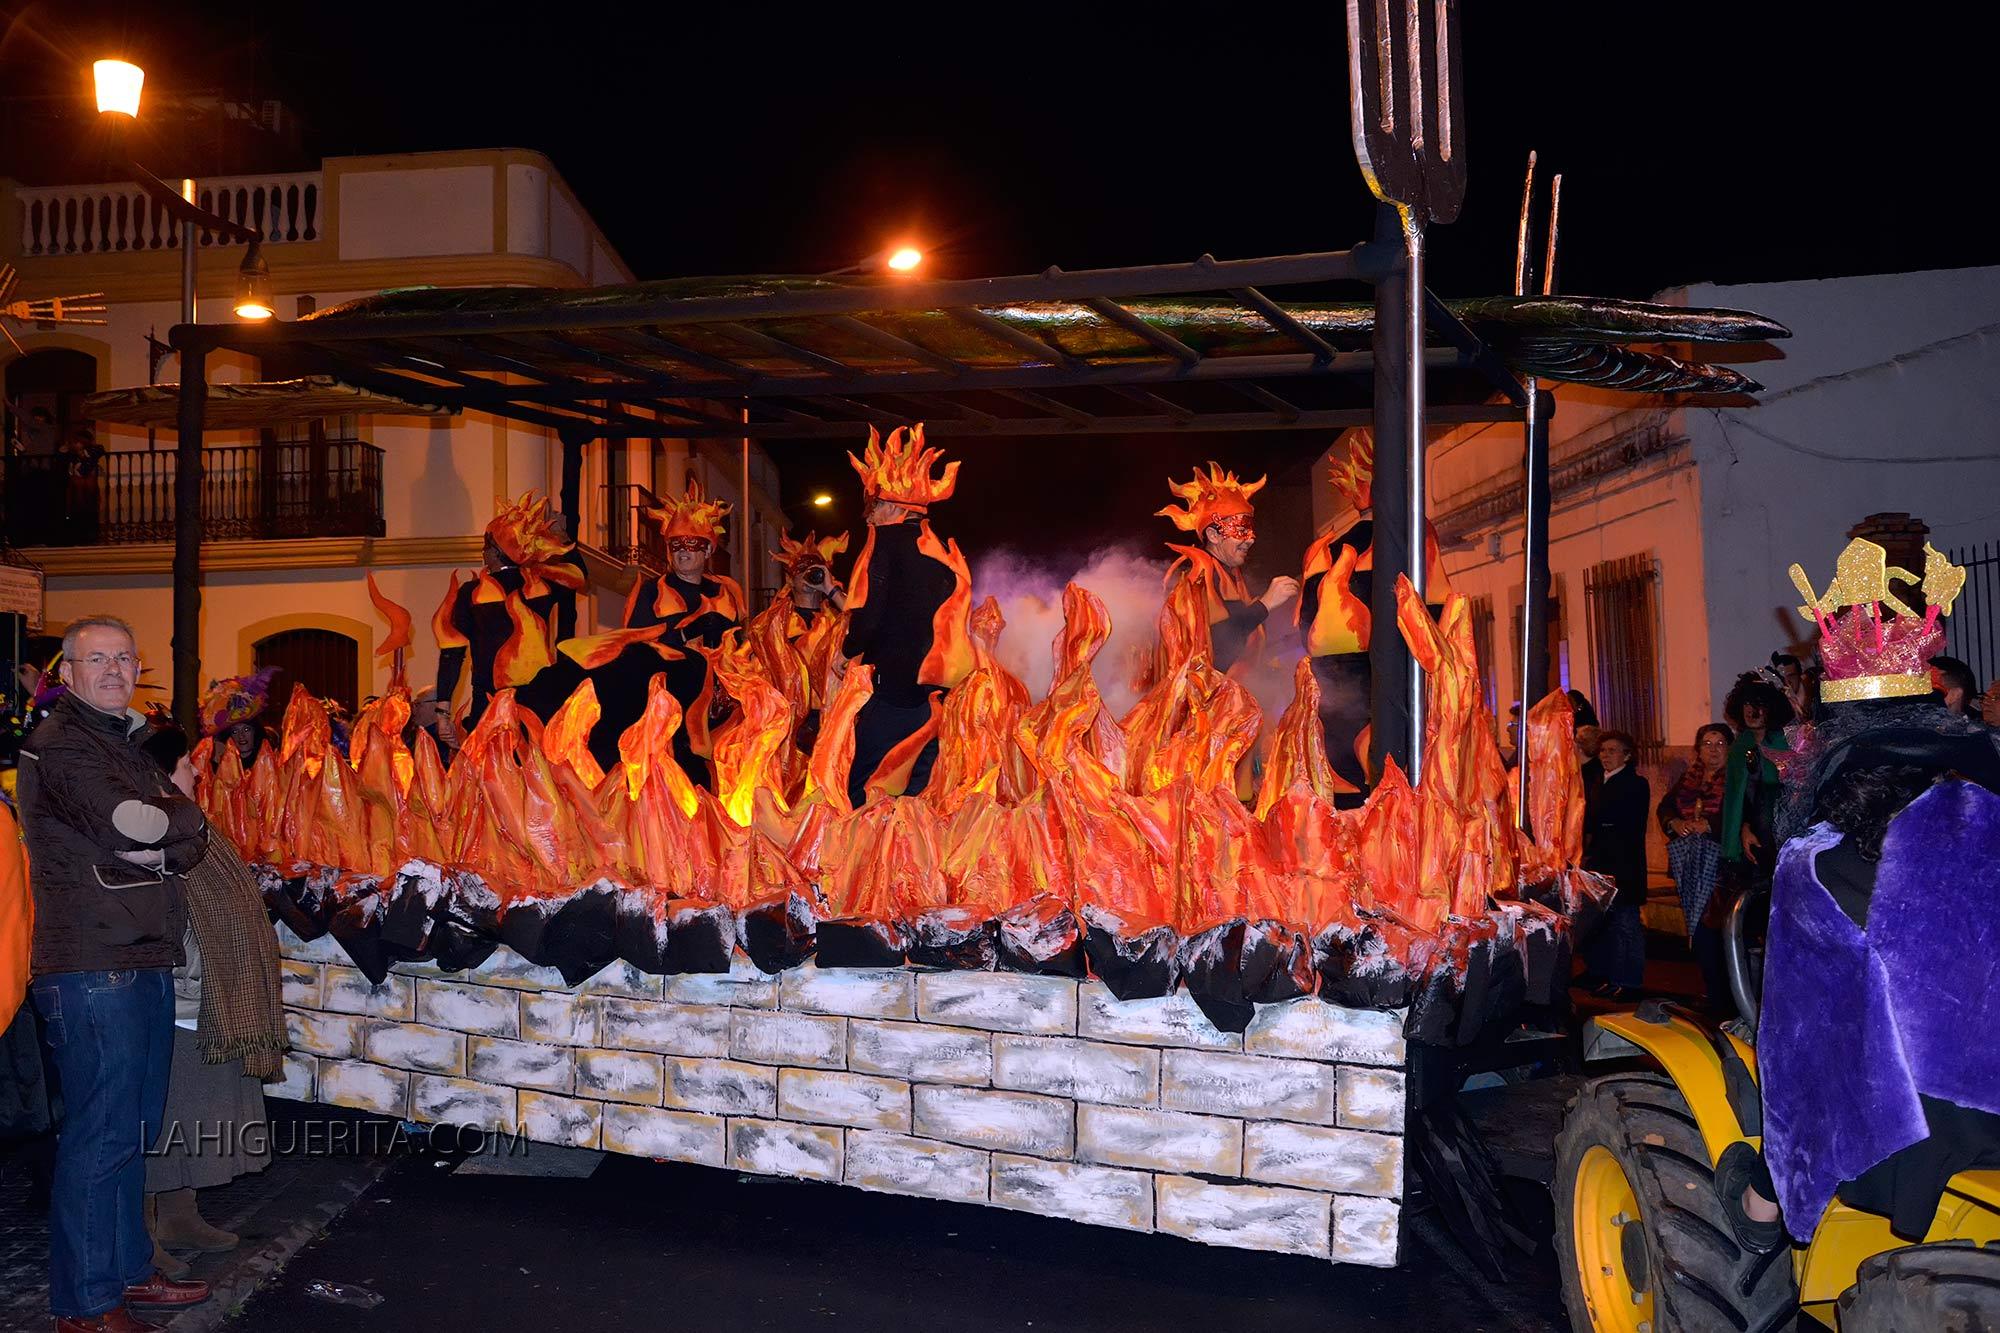 Entierro de la sardina carnaval isla cristina _DSC2278